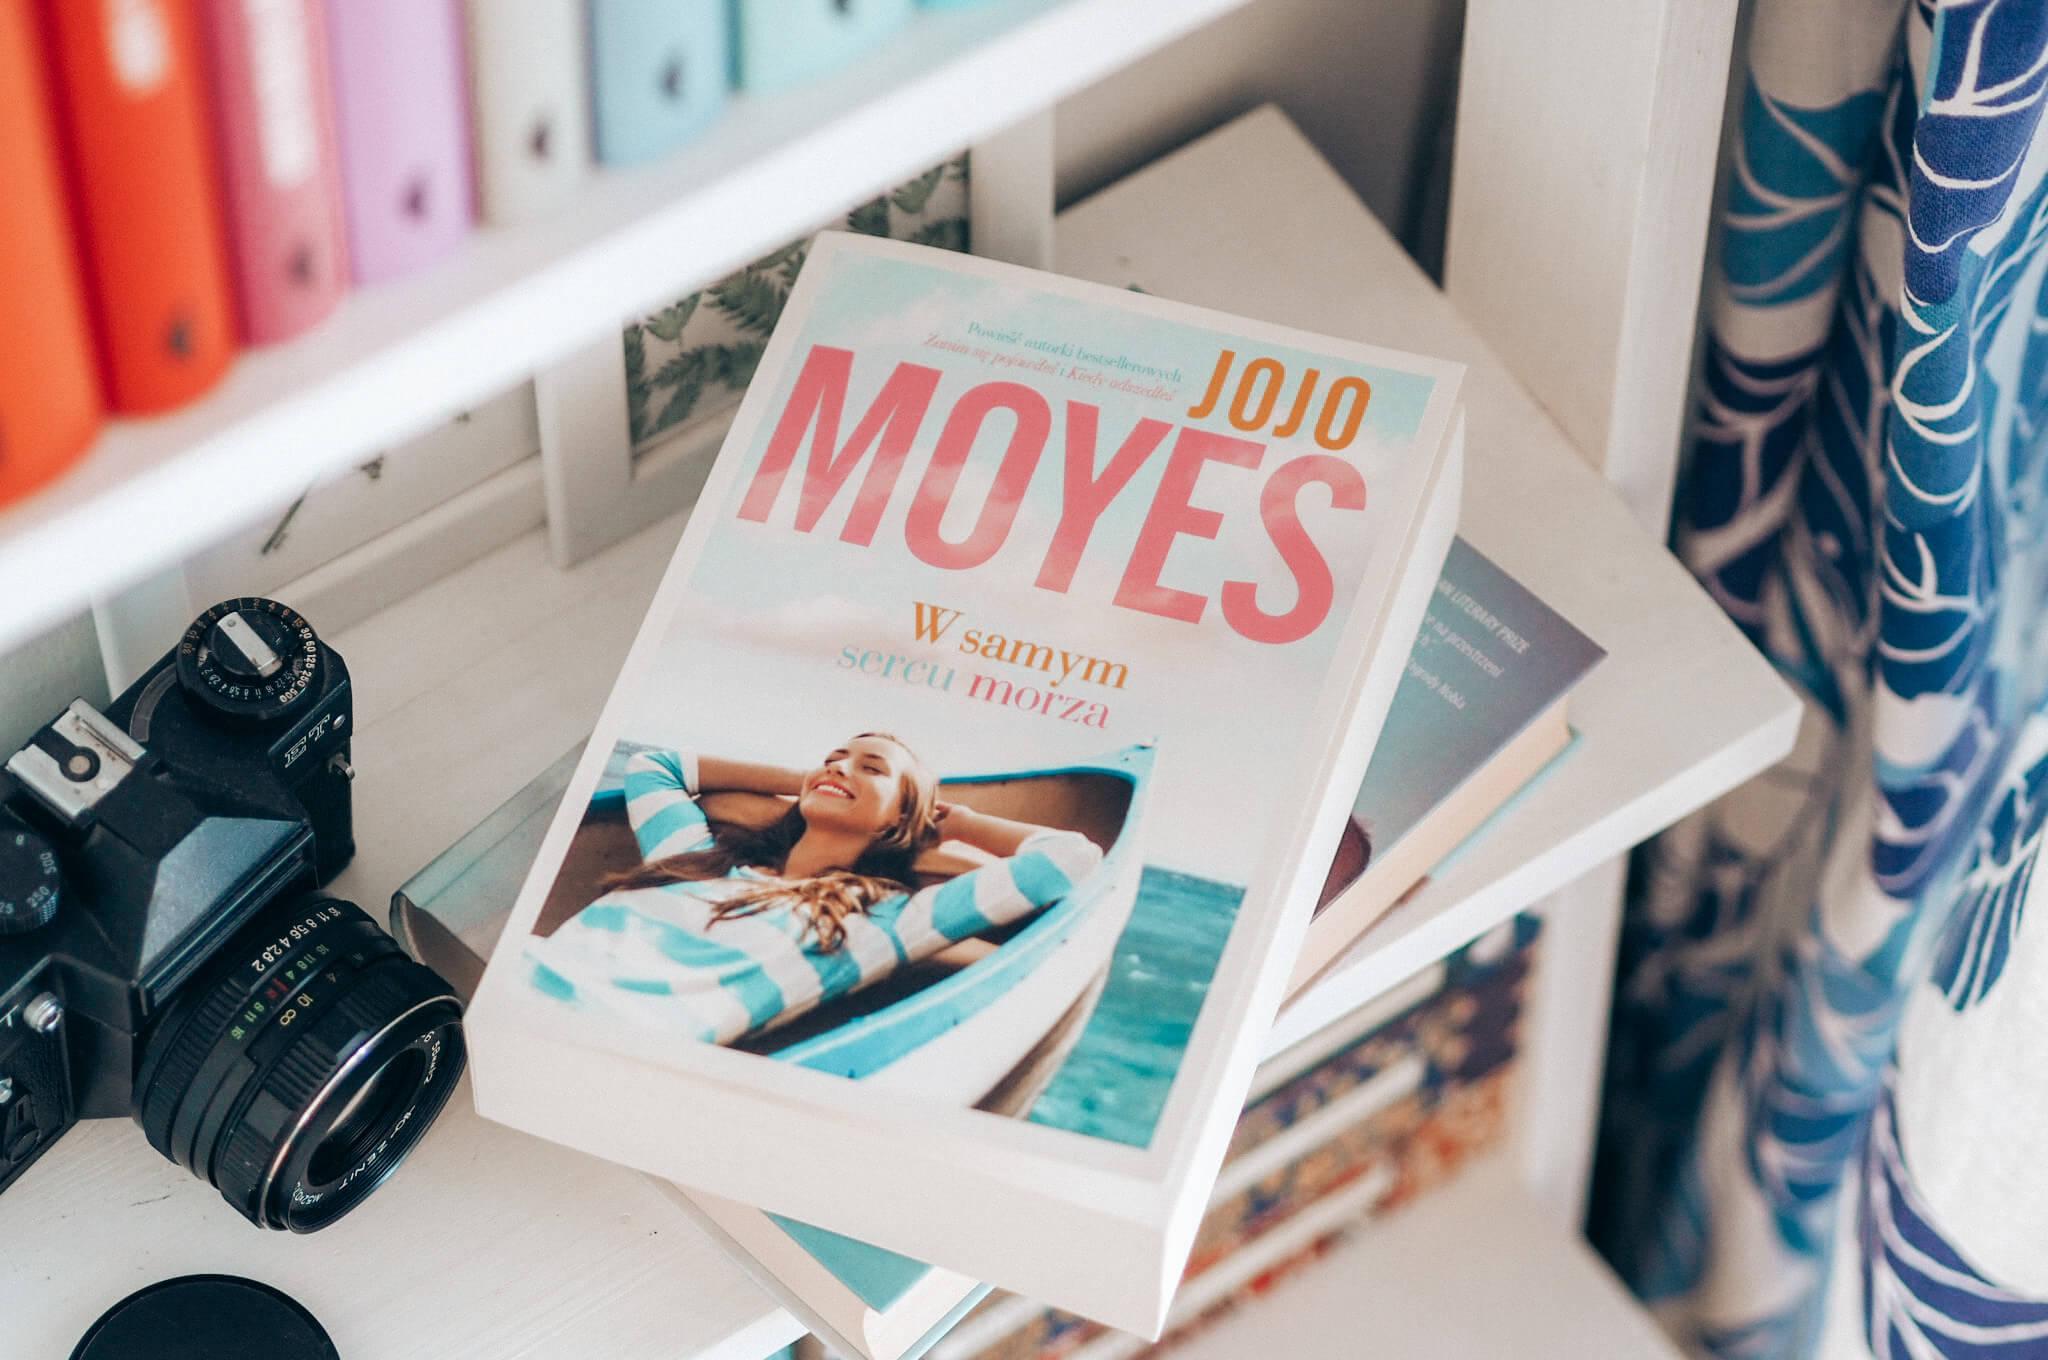 W samym sercu morza - Jojo Moyes